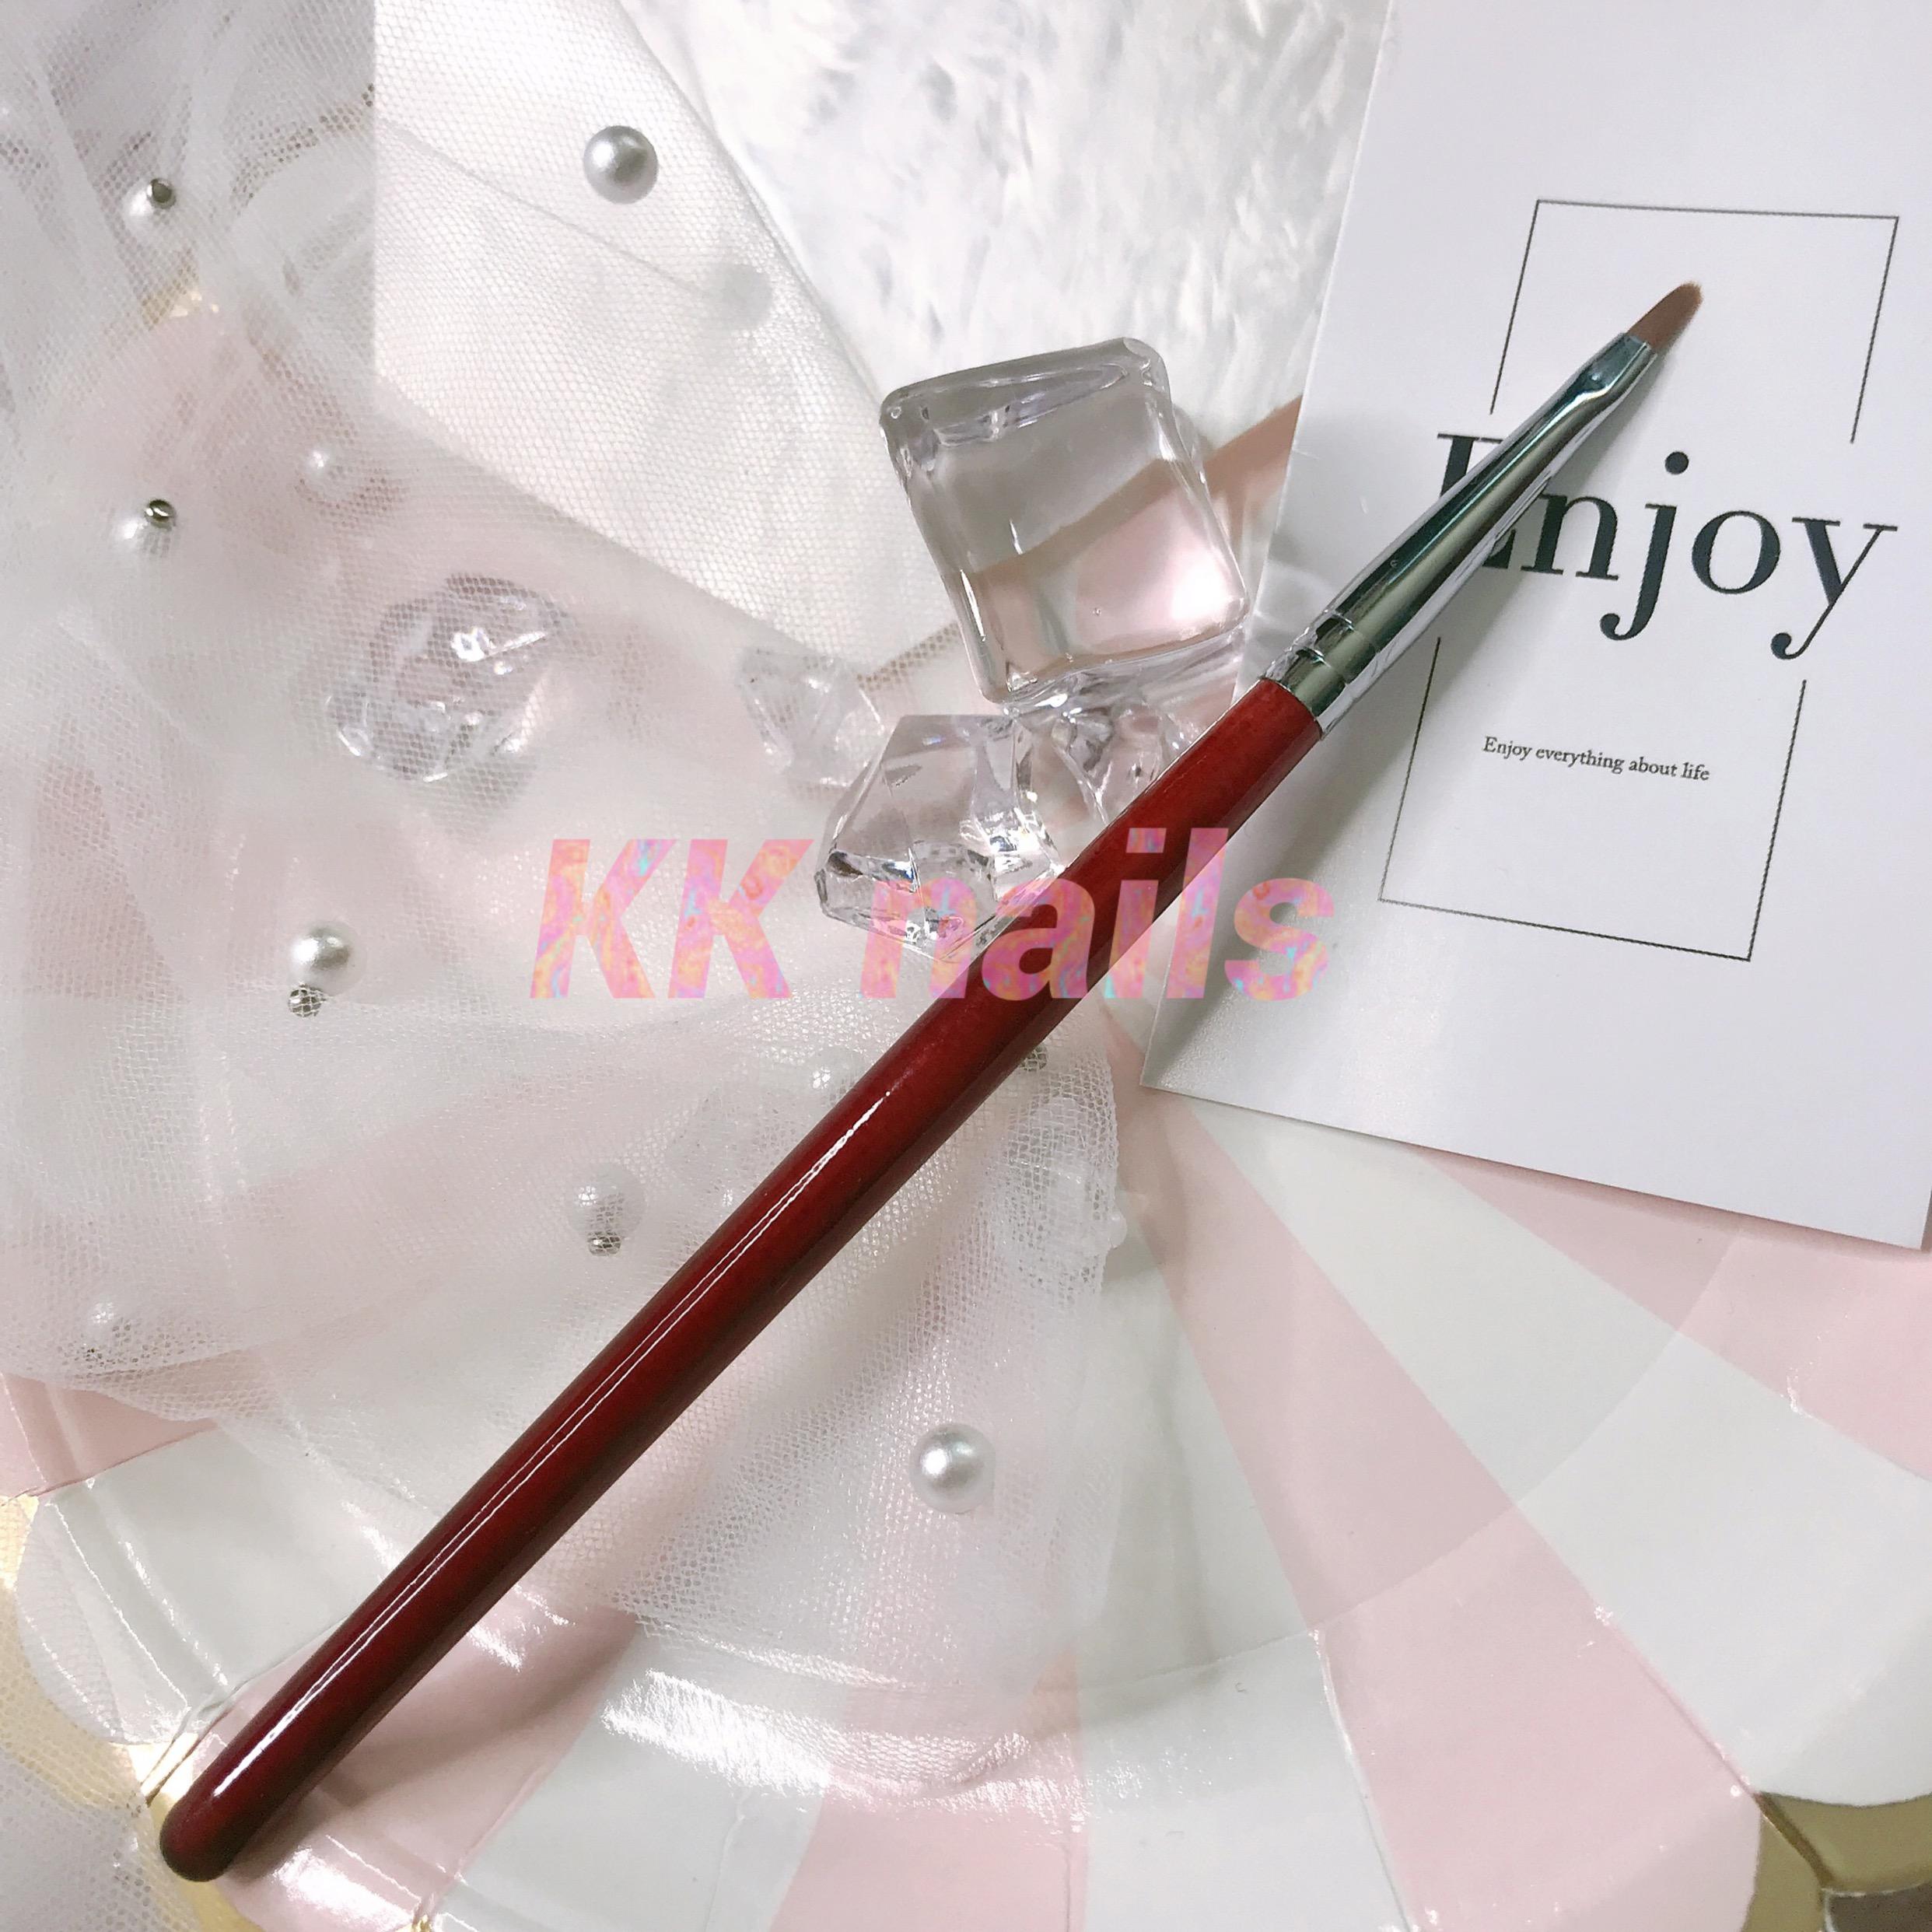 【KK美甲】万能彩绘笔小雏菊小圆头套装全套专业绘画日本花瓣单只